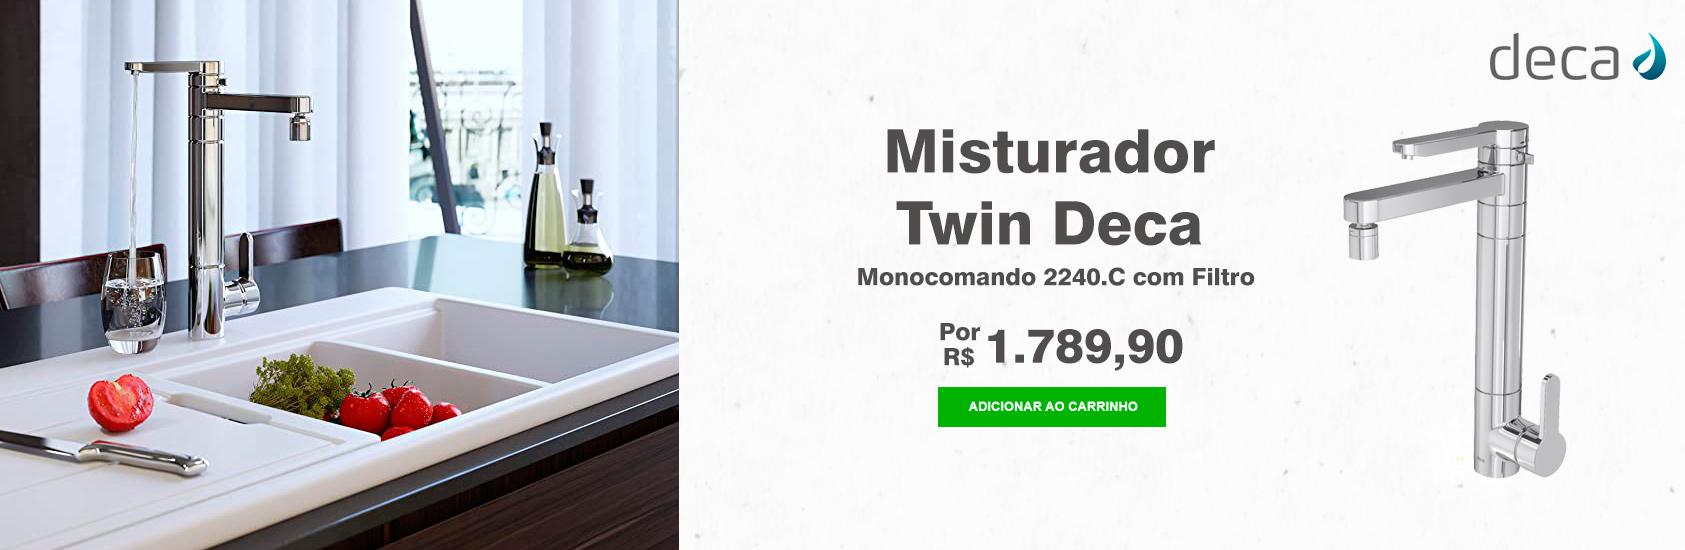 https://www.condec.com.br/metais/misturadores/monocomando-de-cozinha/misturador-monocomando-de-cozinha-com-filtrotwin-2240-deca